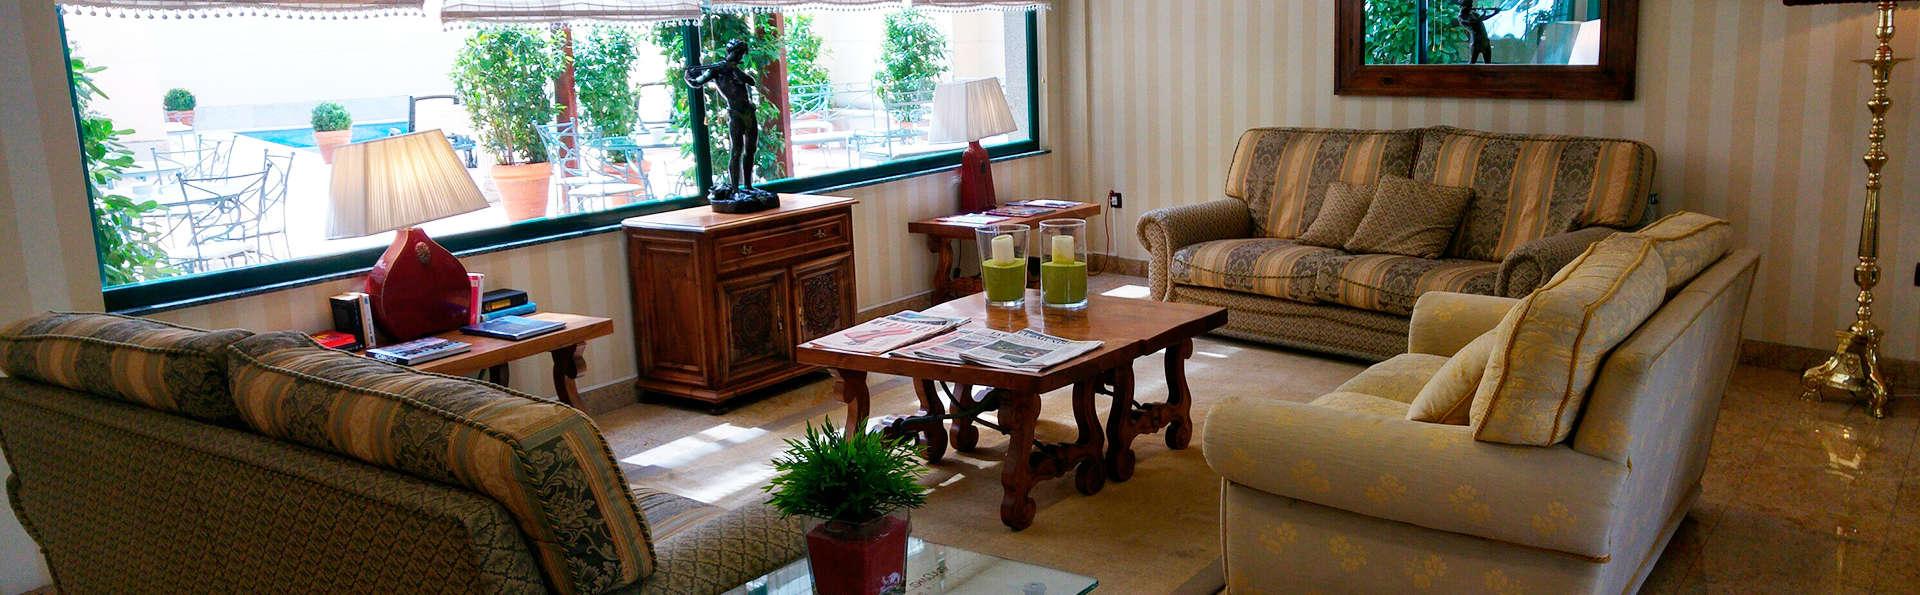 Hotel Puente Romano de Salamanca - EDIT_salon.jpg